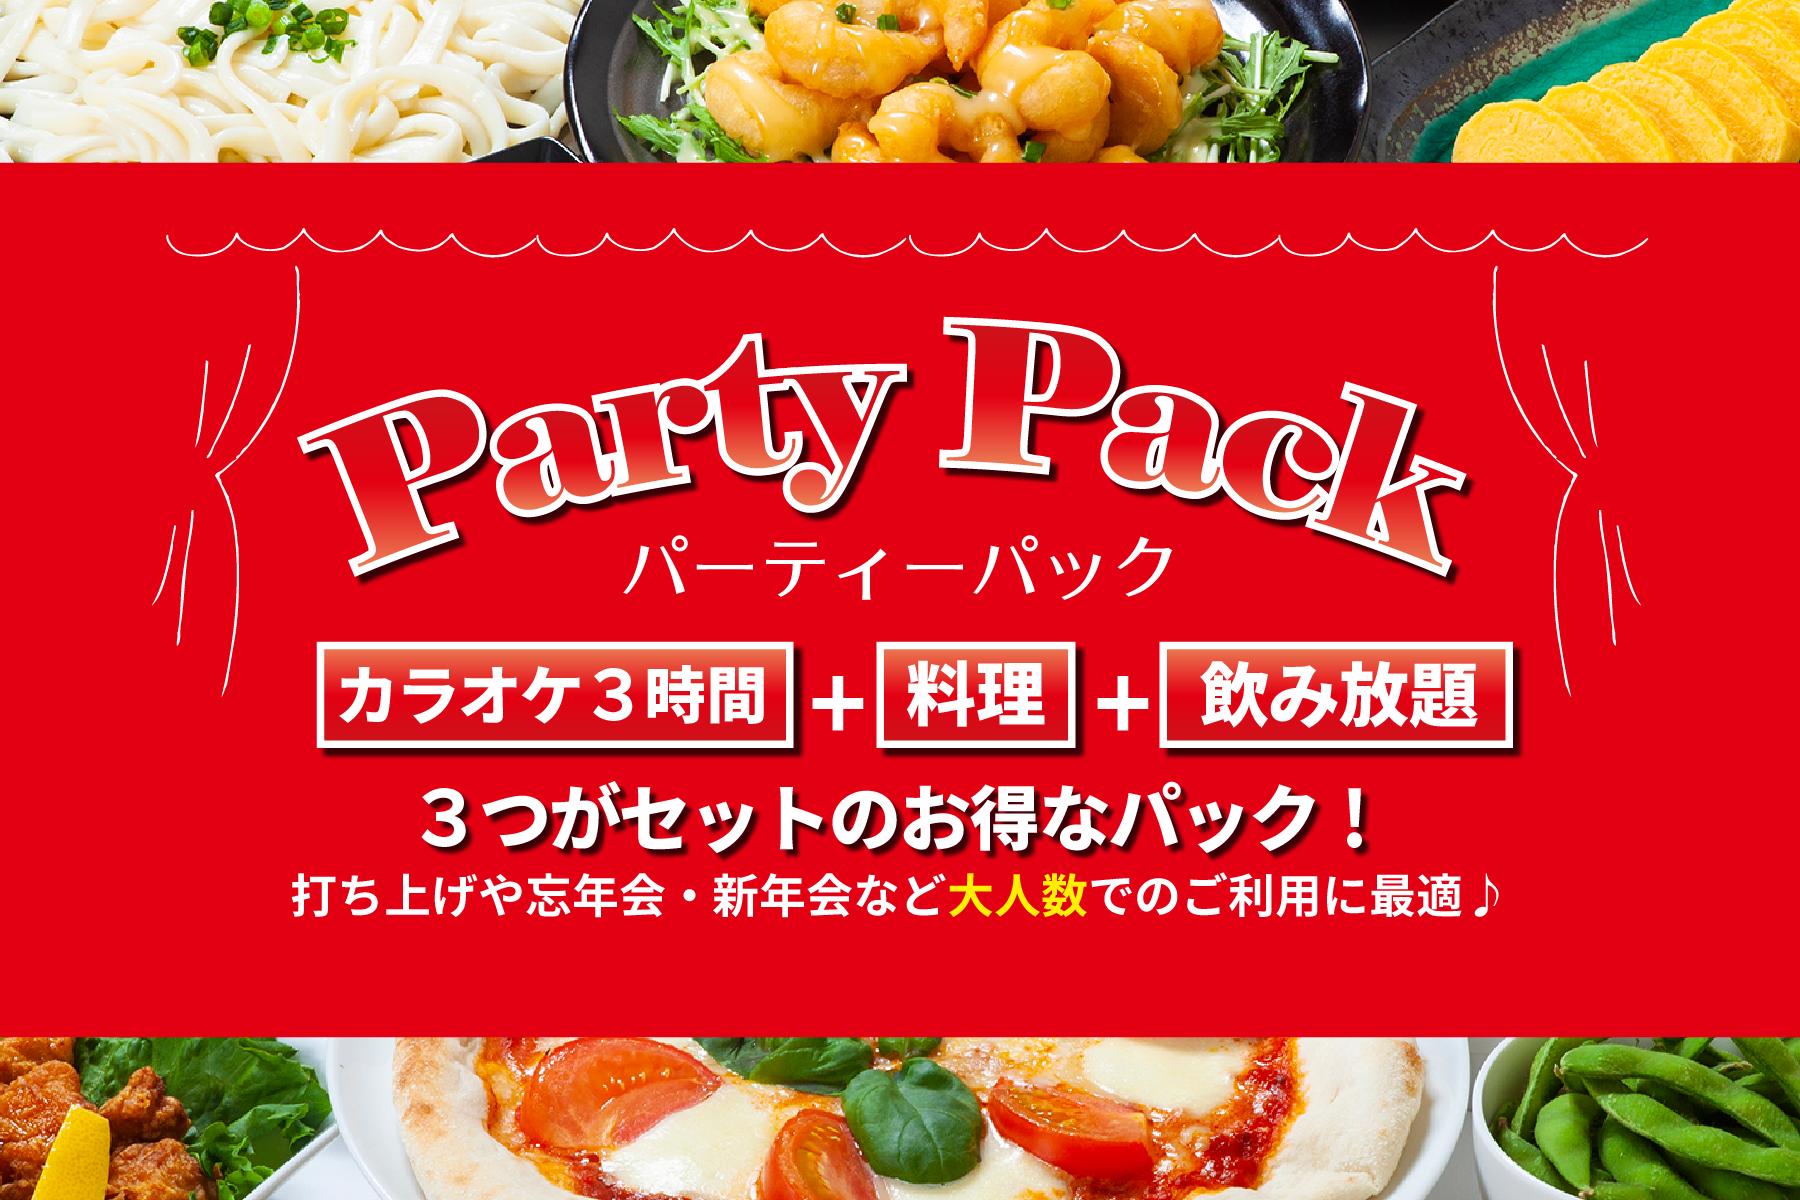 特集 | 大人数でのご利用は、カラオケ・料理・飲み放題がセットのパーティーパックがおすすめです!